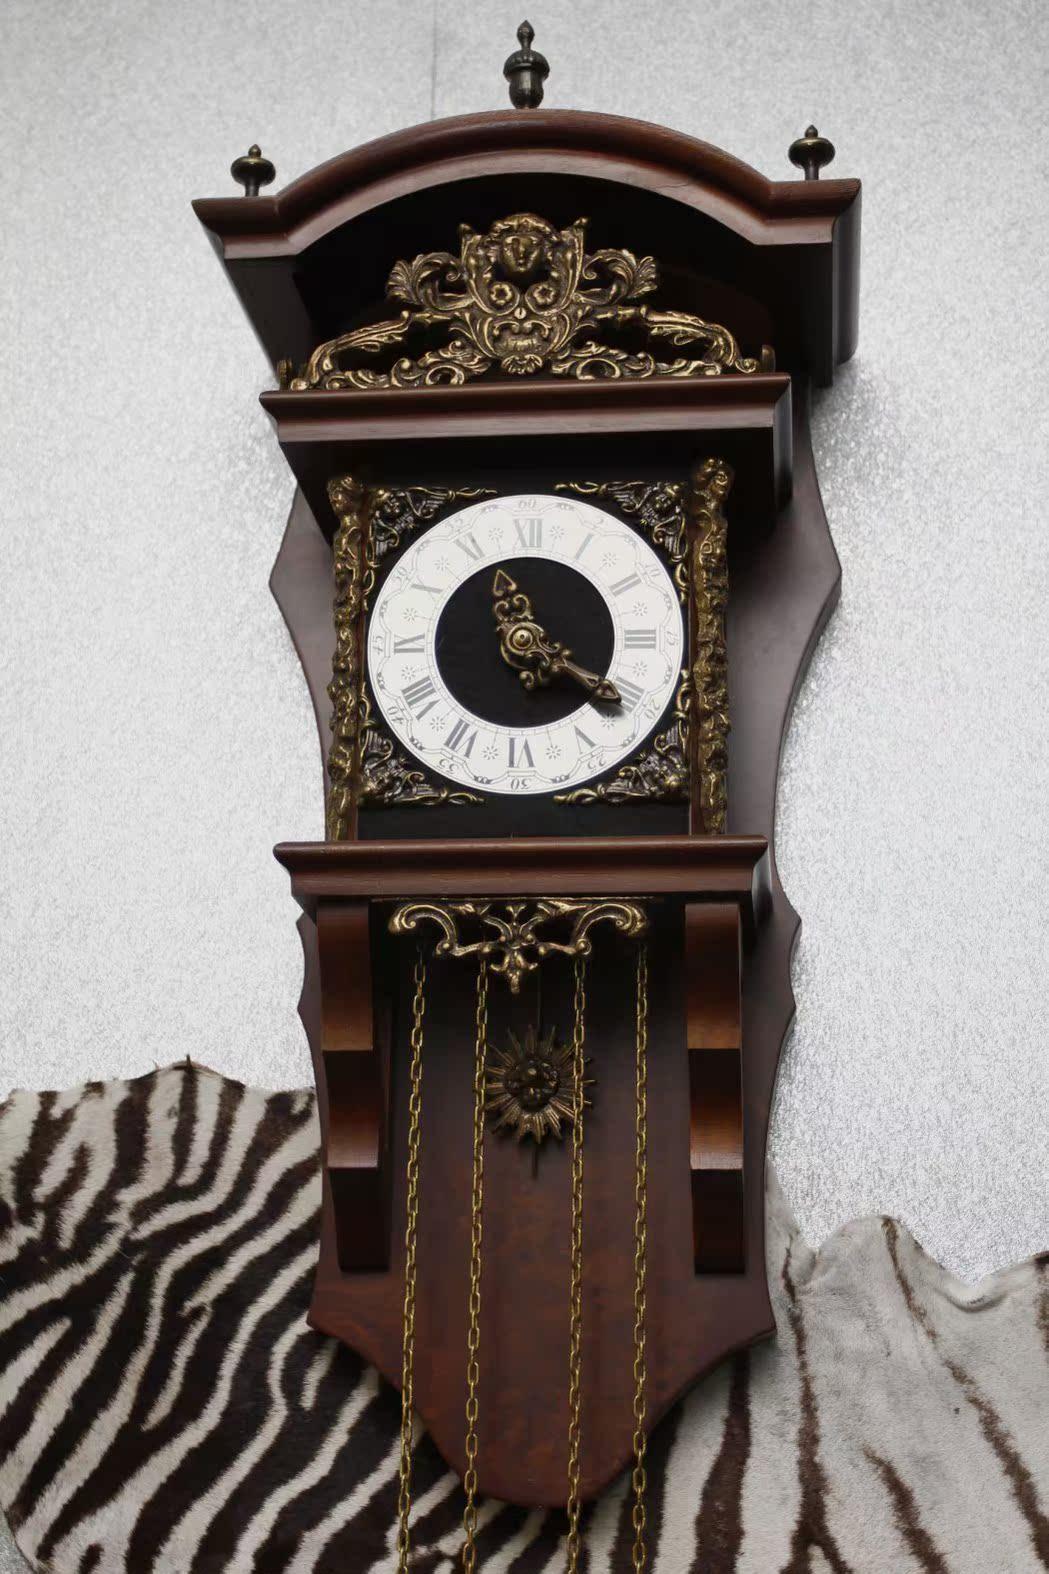 德国古董挂钟个性客厅收藏欧式发条钟表机械老式高级机芯钟表u038图片